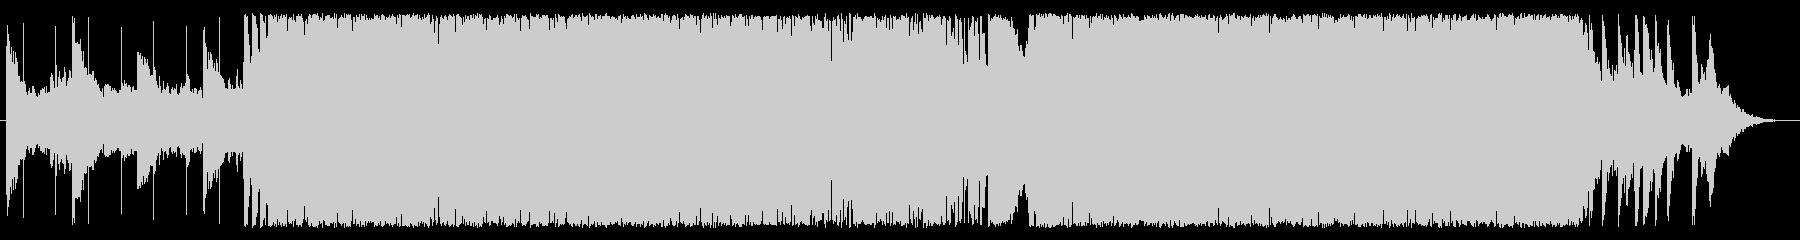 爽やかでワイワイしている曲-60秒の未再生の波形